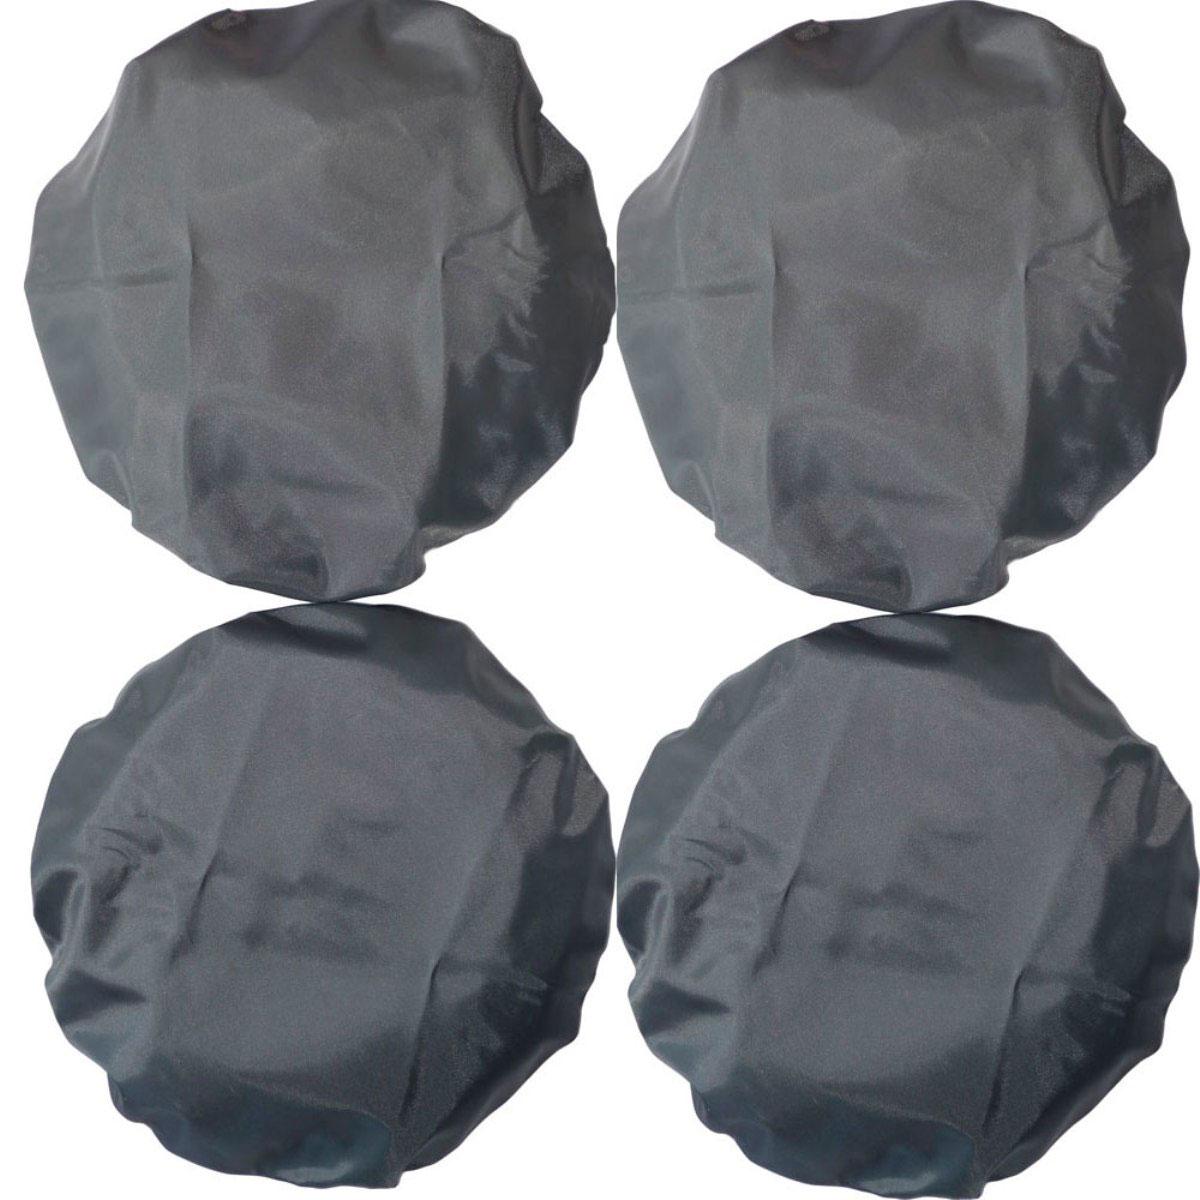 Чудо-Чадо Чехлы на колеса для коляски диаметр 28-38 см цвет мокрый асфальт 4 шт -  Аксессуары для колясок